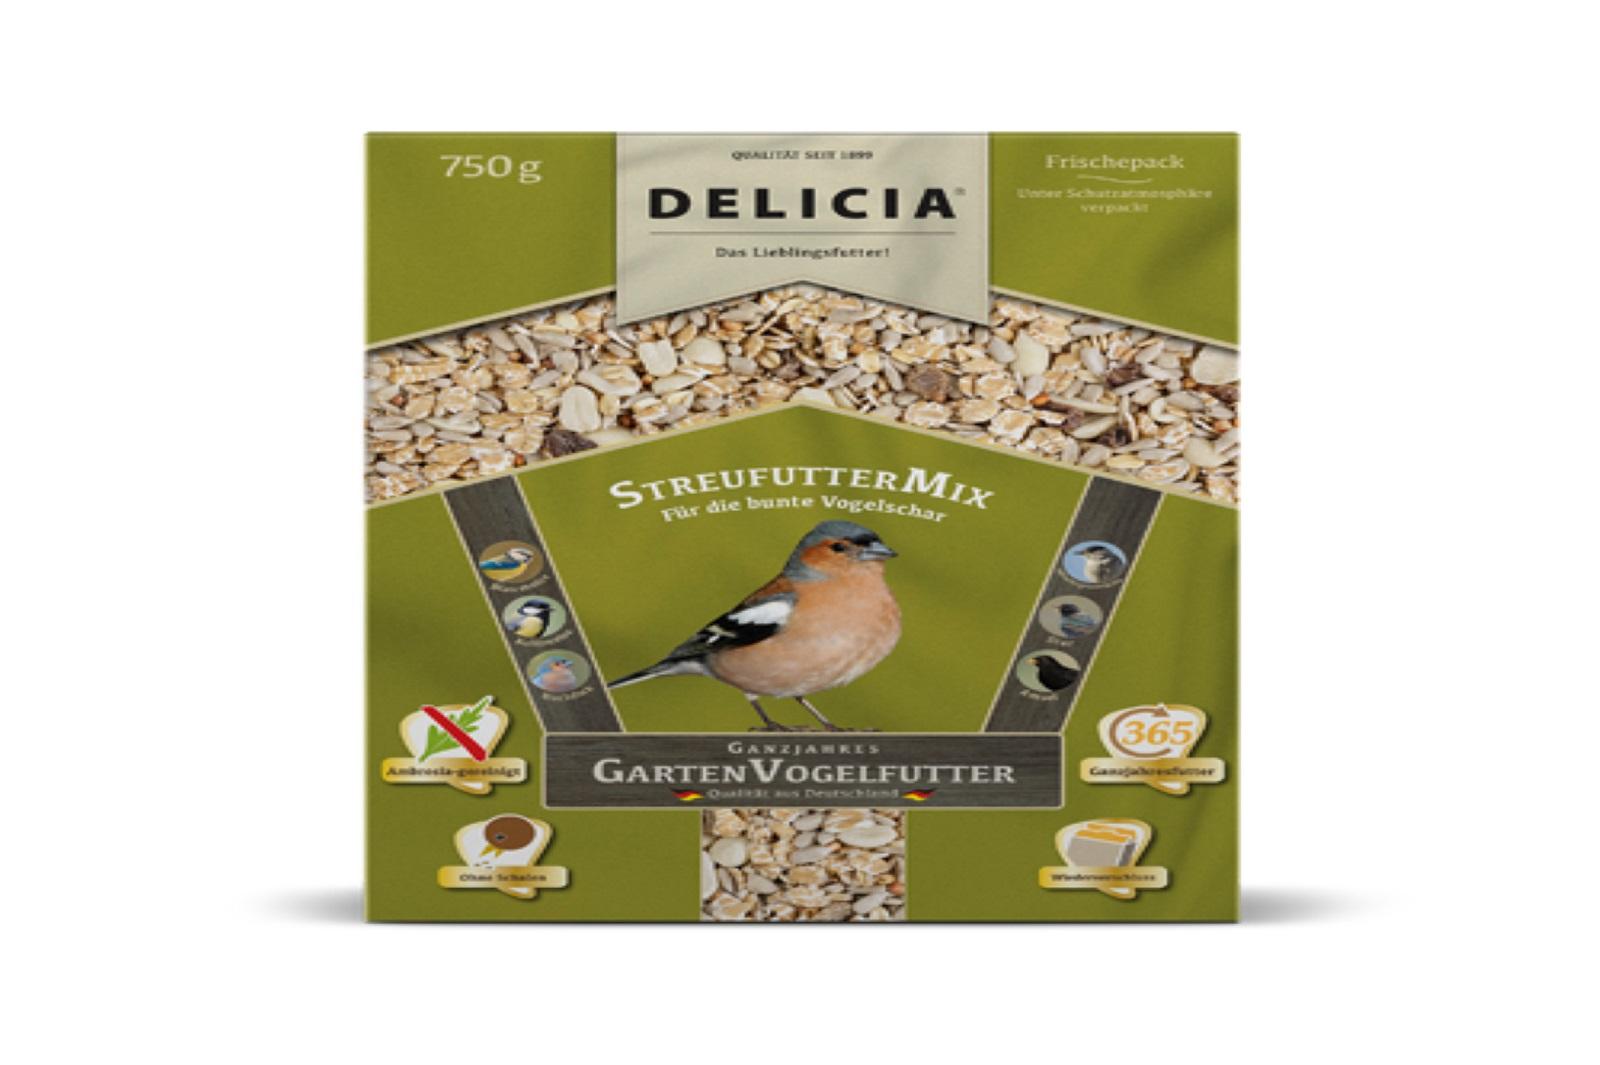 Delicia 750 g Vogelfutter Streufuttermix Gartenvögel  Ganzjahresfutter